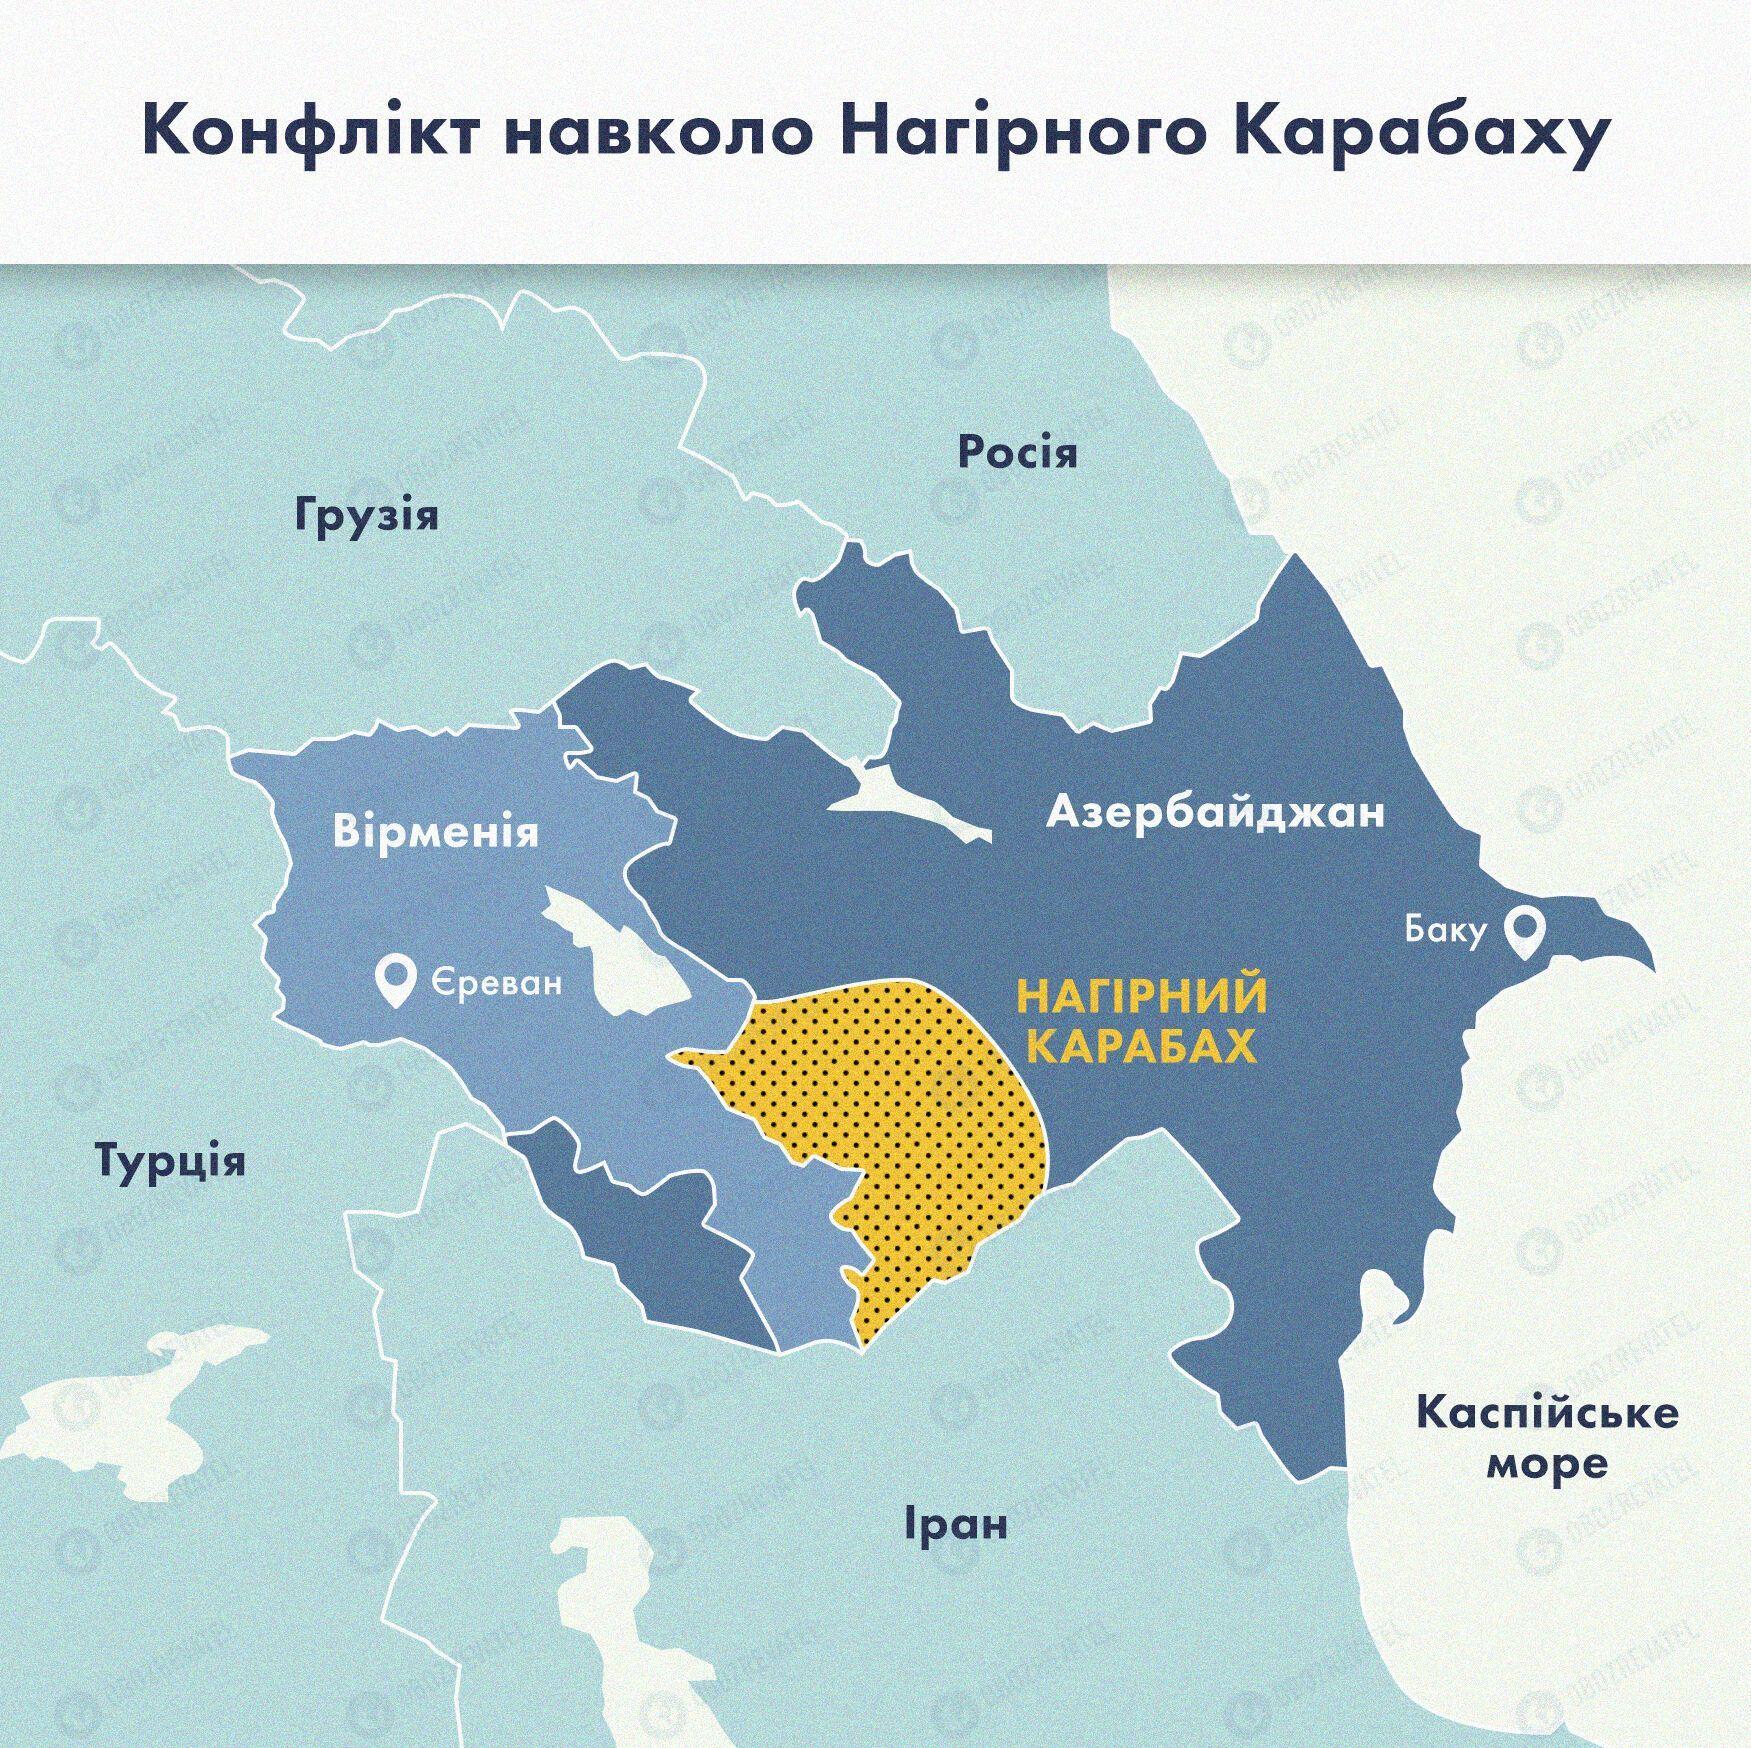 Карта Нагірного Карабаху